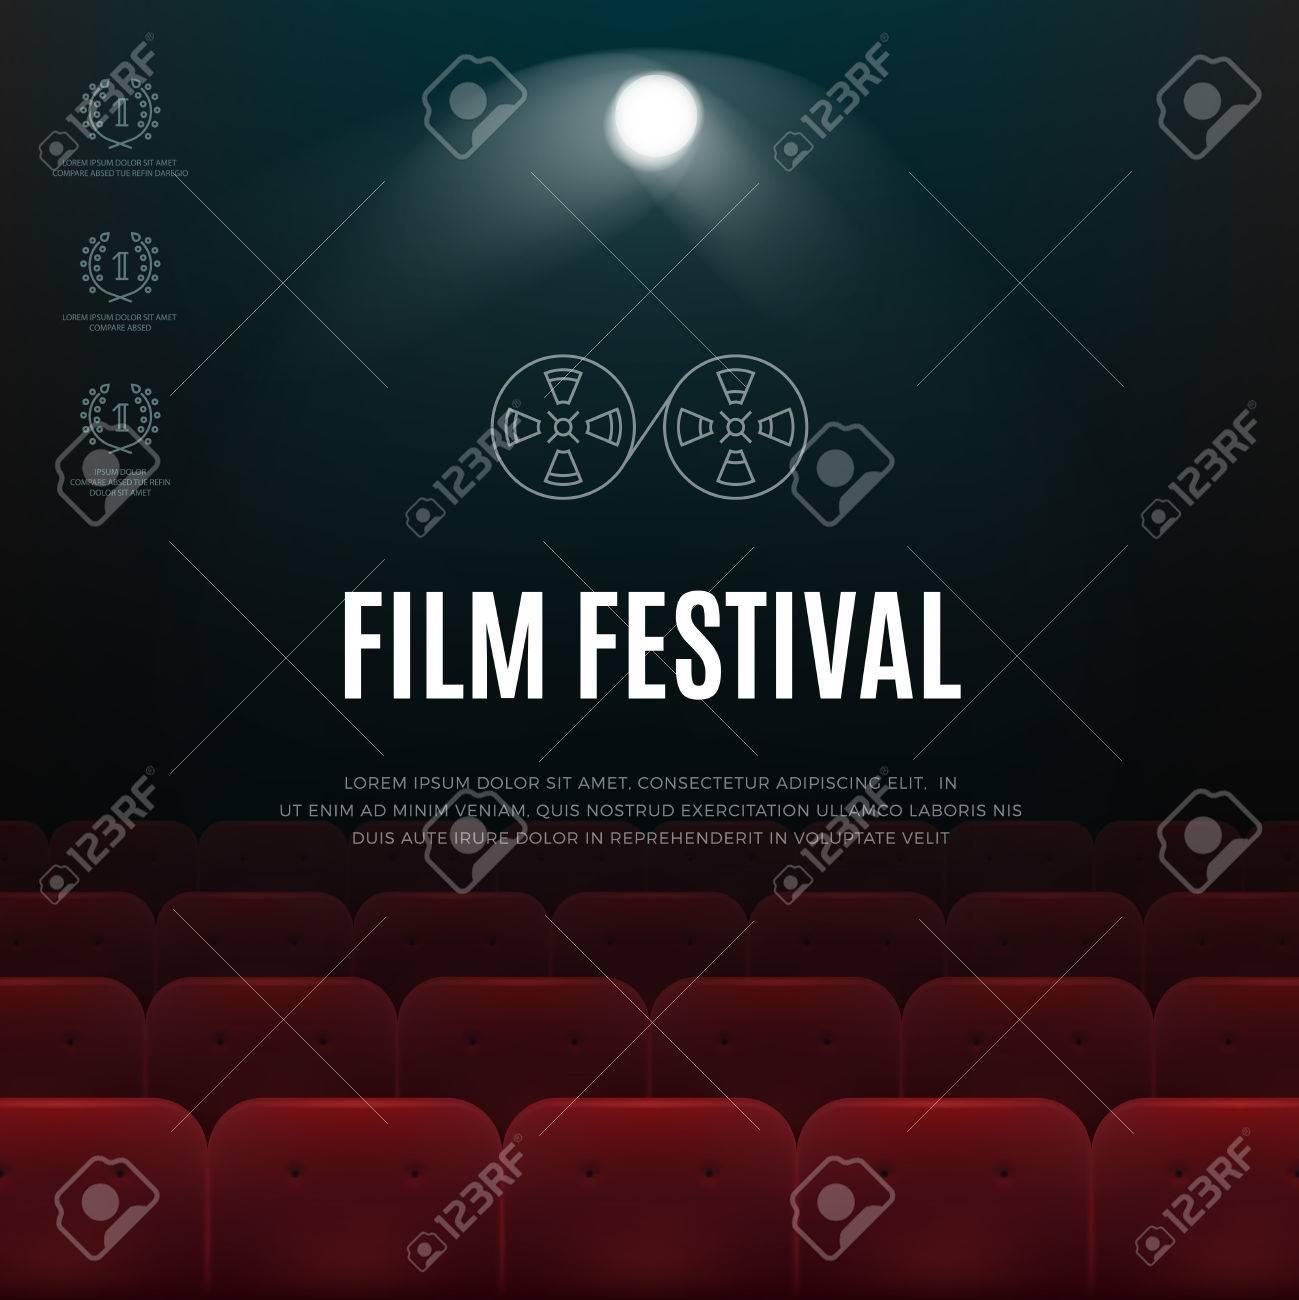 映画館、映画祭ベクトル抽象的なポスター、背景。シネマト グラフ祭り